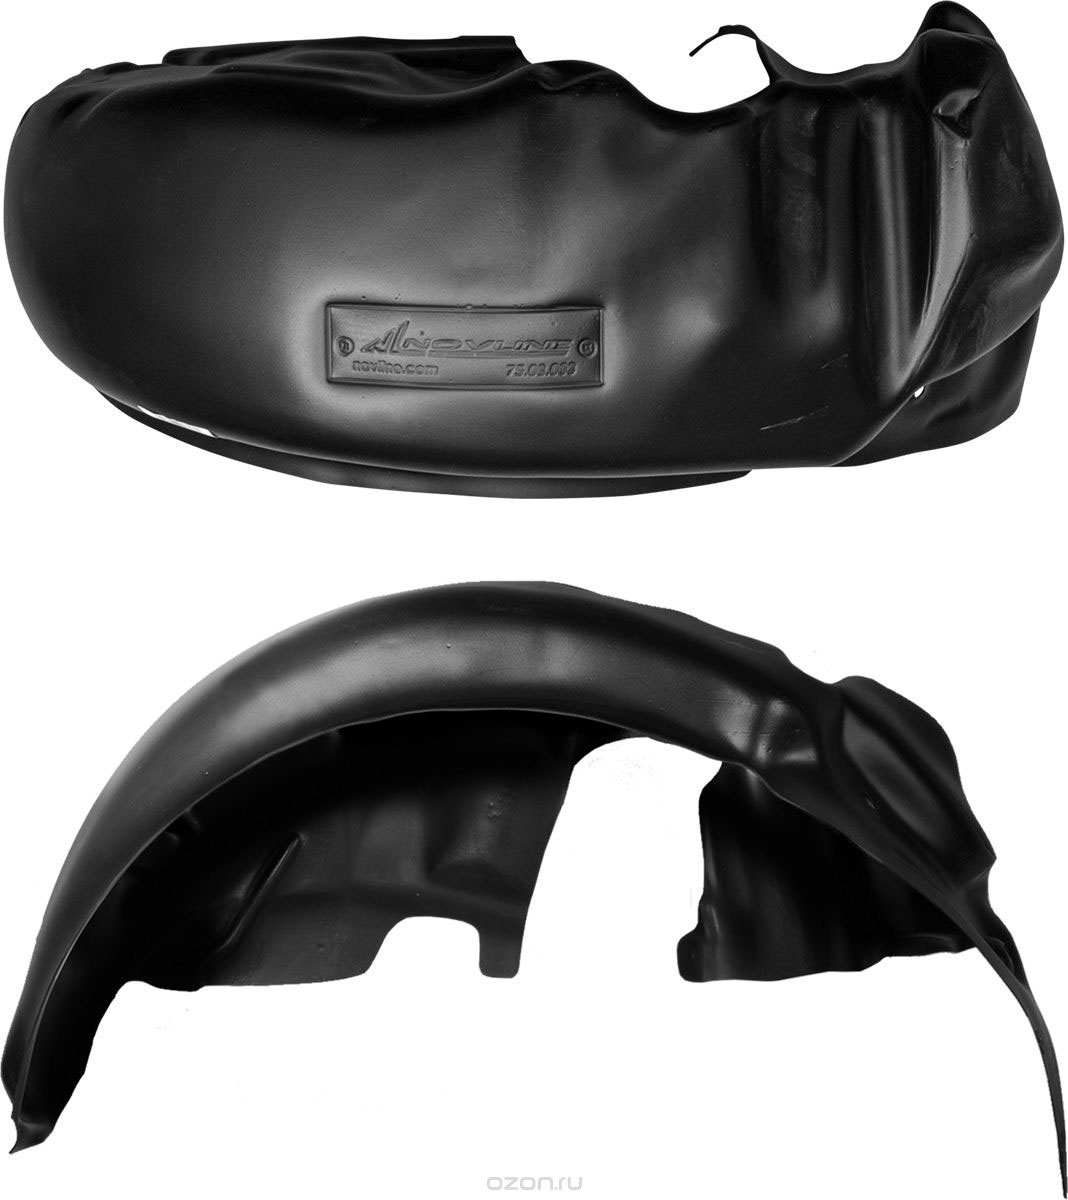 Подкрылок Novline-Autofamily, для CHERY Indis, 2011->, задний правыйNLL.63.12.004Идеальная защита колесной ниши. Локеры разработаны с применением цифровых технологий, гарантируют максимальную повторяемость поверхности арки. Изделия устанавливаются без нарушения лакокрасочного покрытия автомобиля, каждый подкрылок комплектуется крепежом. Уважаемые клиенты, обращаем ваше внимание, что фотографии на подкрылки универсальные и не отражают реальную форму изделия. При этом само изделие идет точно под размер указанного автомобиля.